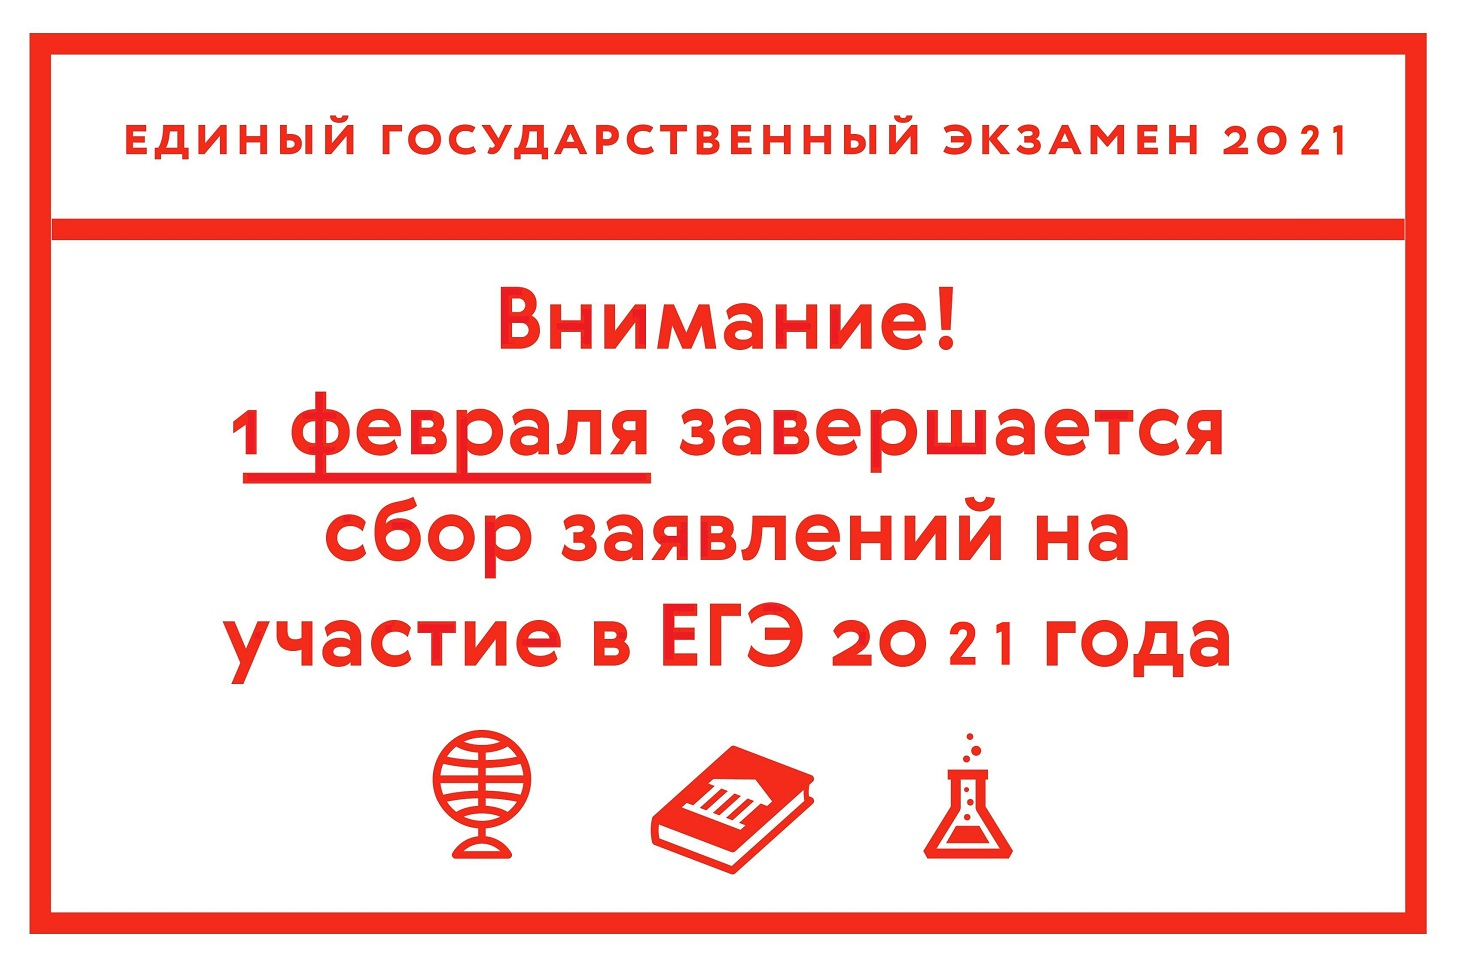 rosobrnadzor-napominaet-podat-zayavlenie-na-uchastie-v-ege-nado-do-1-fevralya